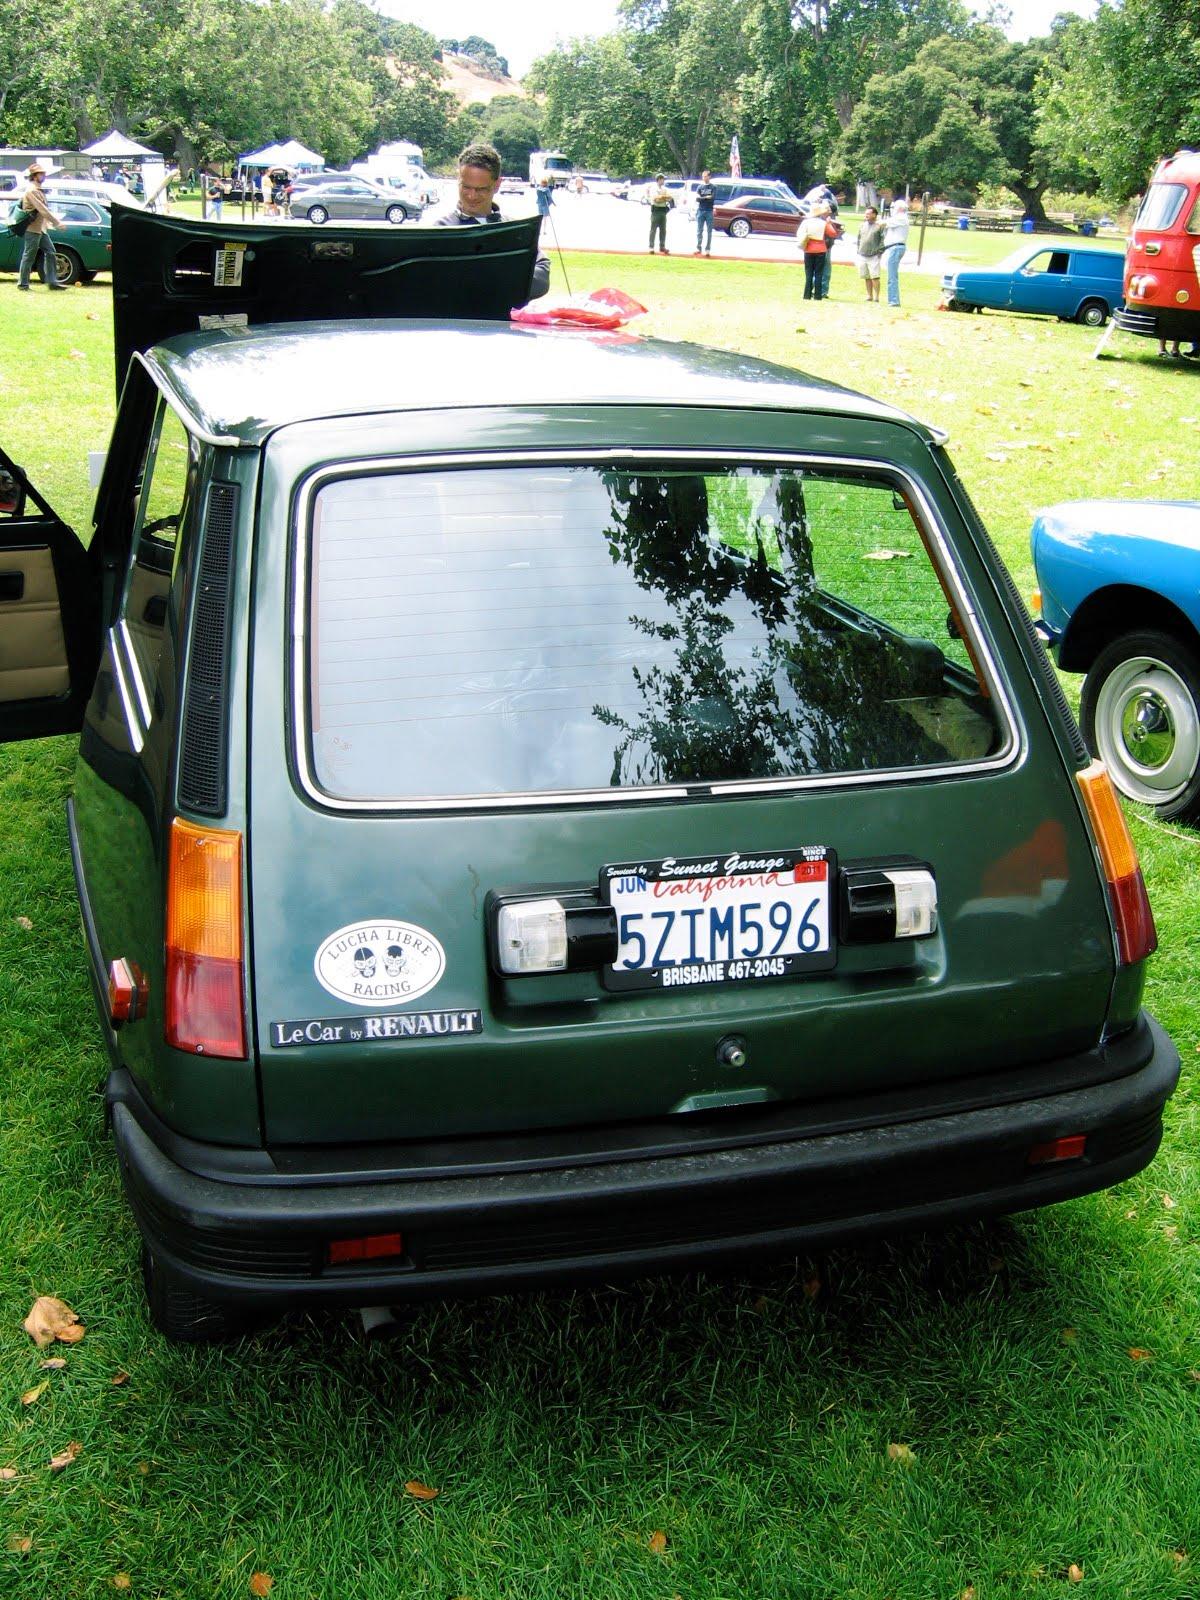 Renault le car craigslist